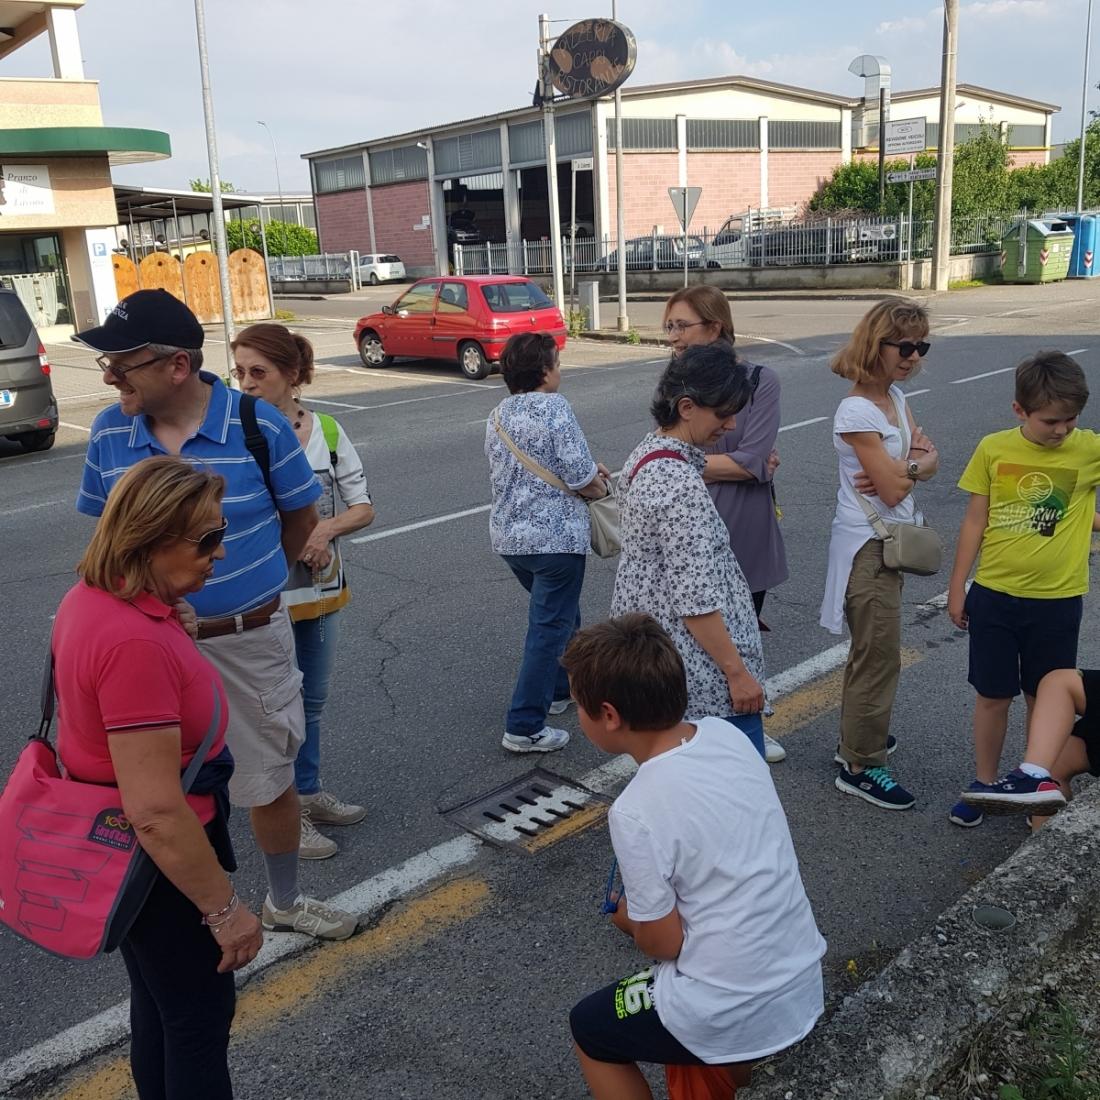 Pellegrinaggio Paderna 2018 (7)